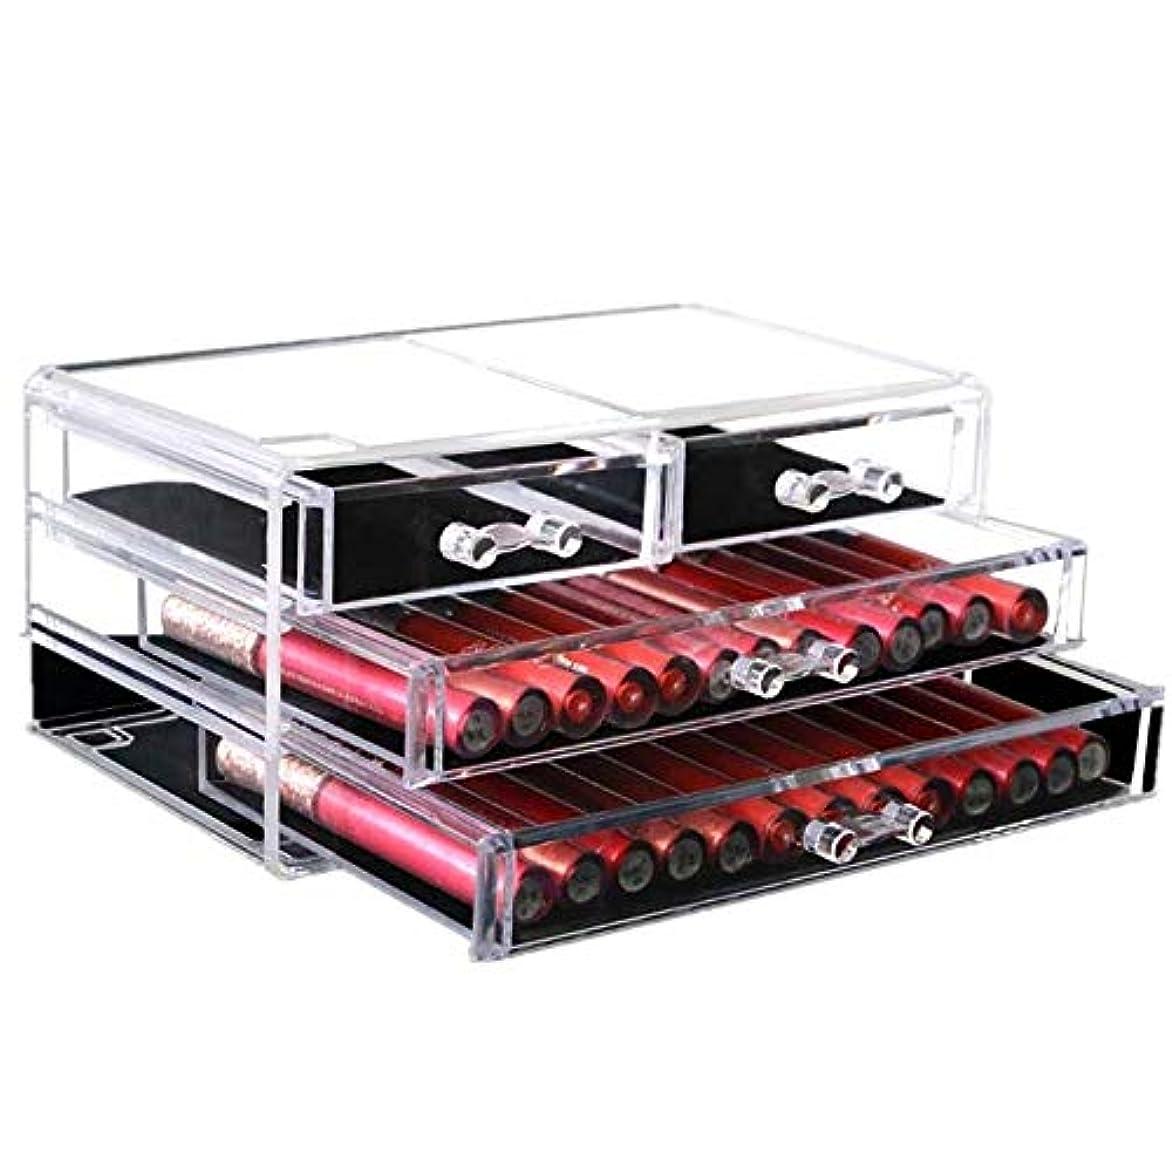 場所遅滞つぶやき整理簡単 引出しの構造の宝石類のディスプレイ?ボックスが付いている簡単で明確なアクリルの化粧品のオルガナイザー (Color : Clear, Size : 24*13.5*11CM)